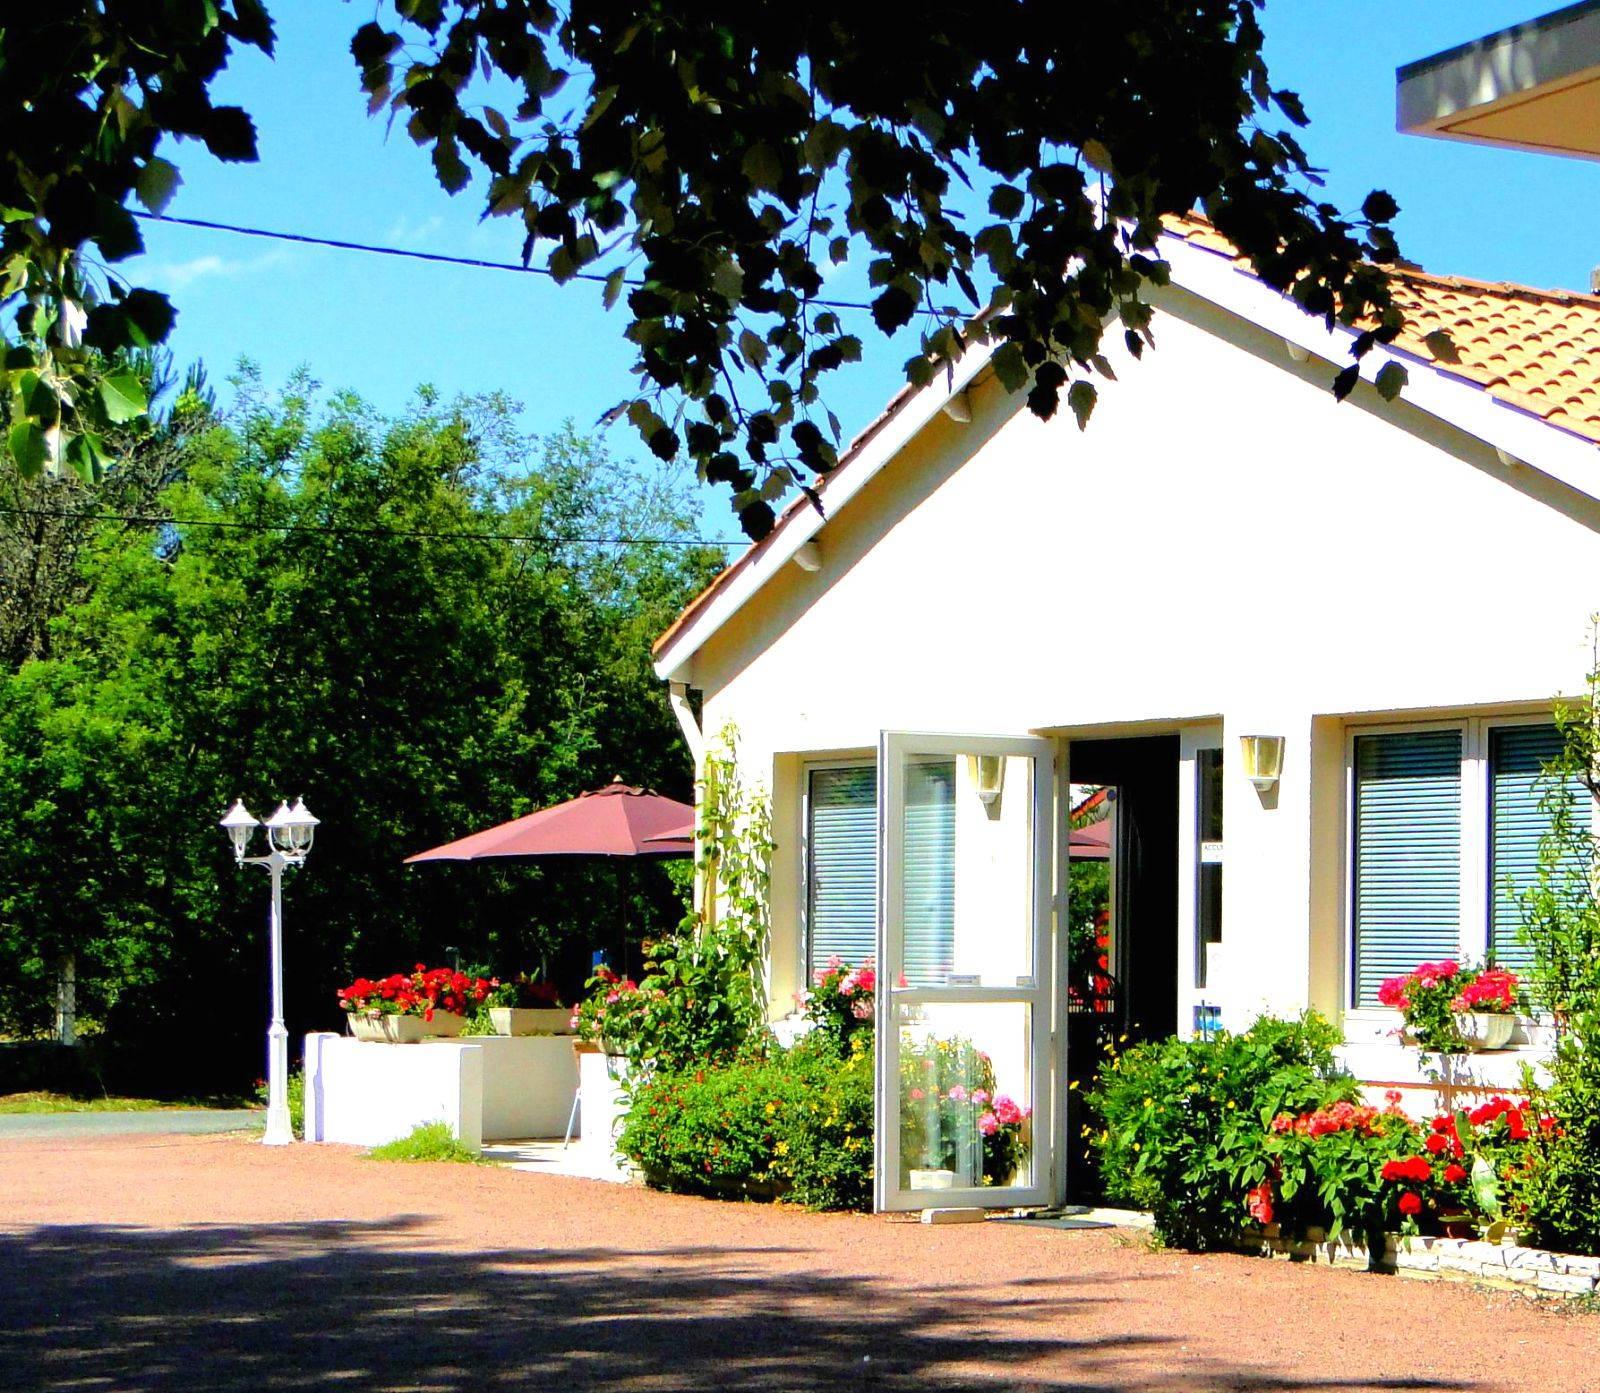 Photo 1: Hôtel Le Nautile, Saint Trojan les Bains - Ile D'Oléron